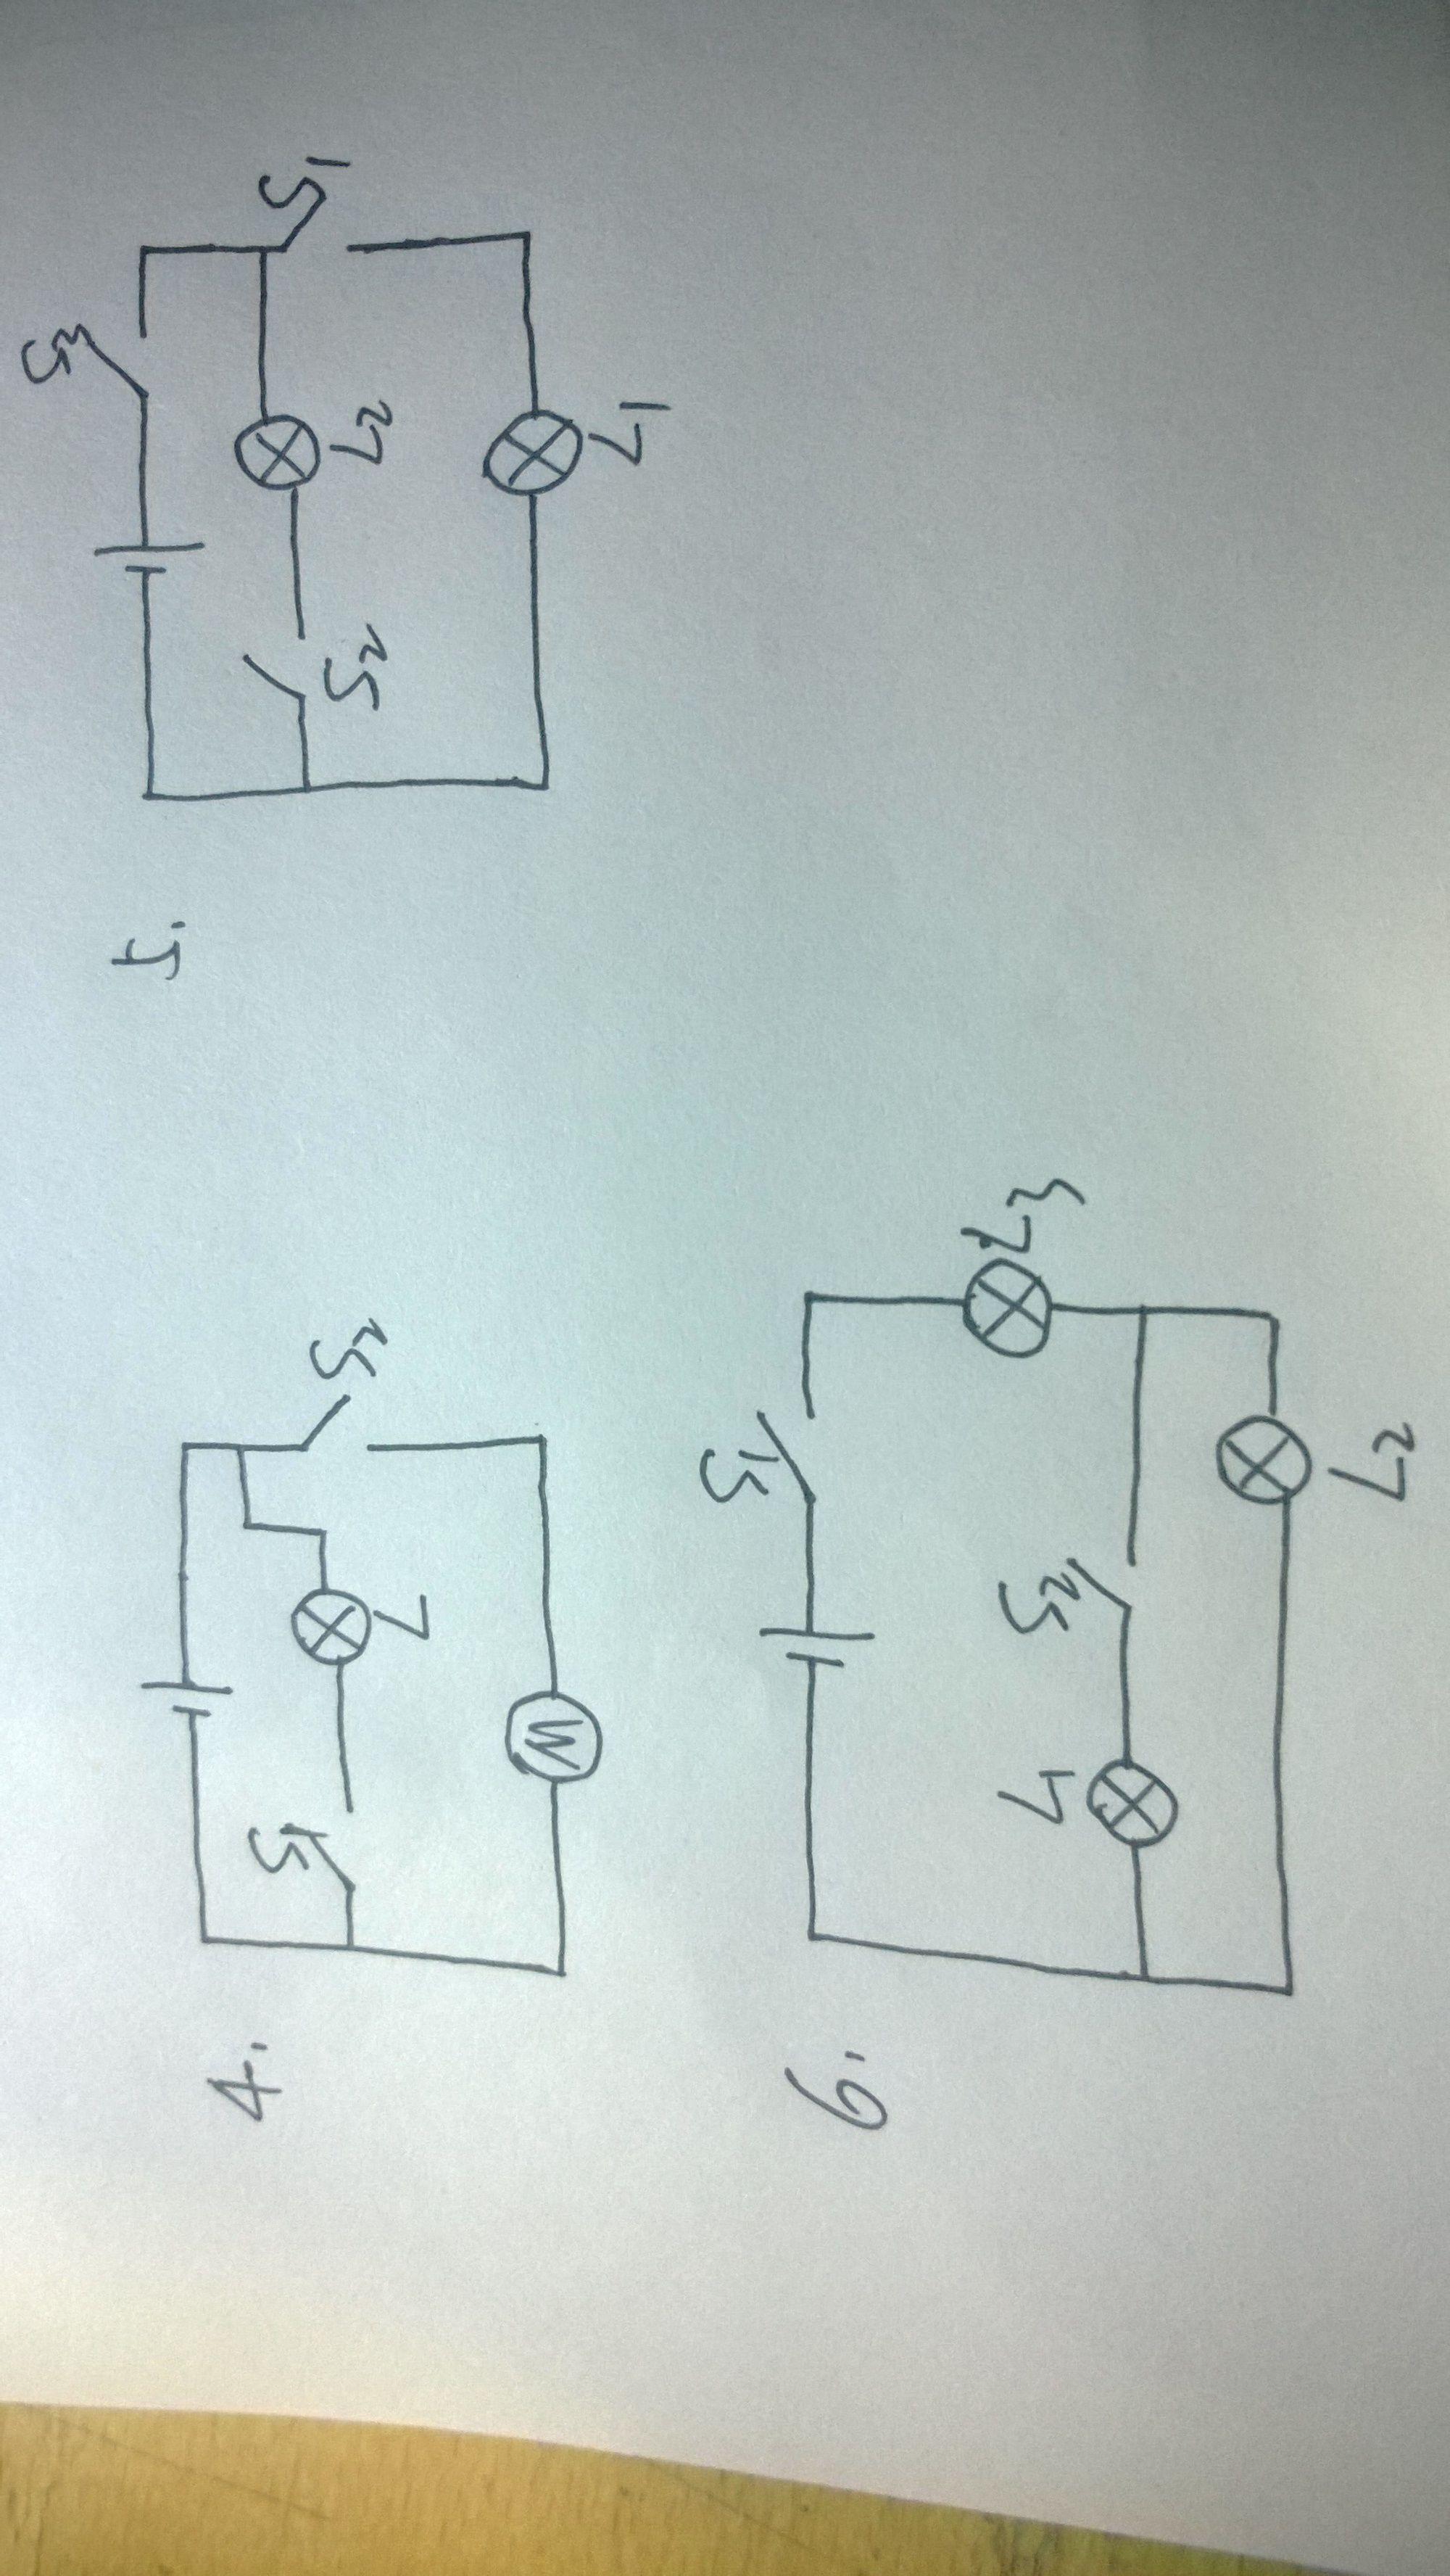 物理电路图怎么画